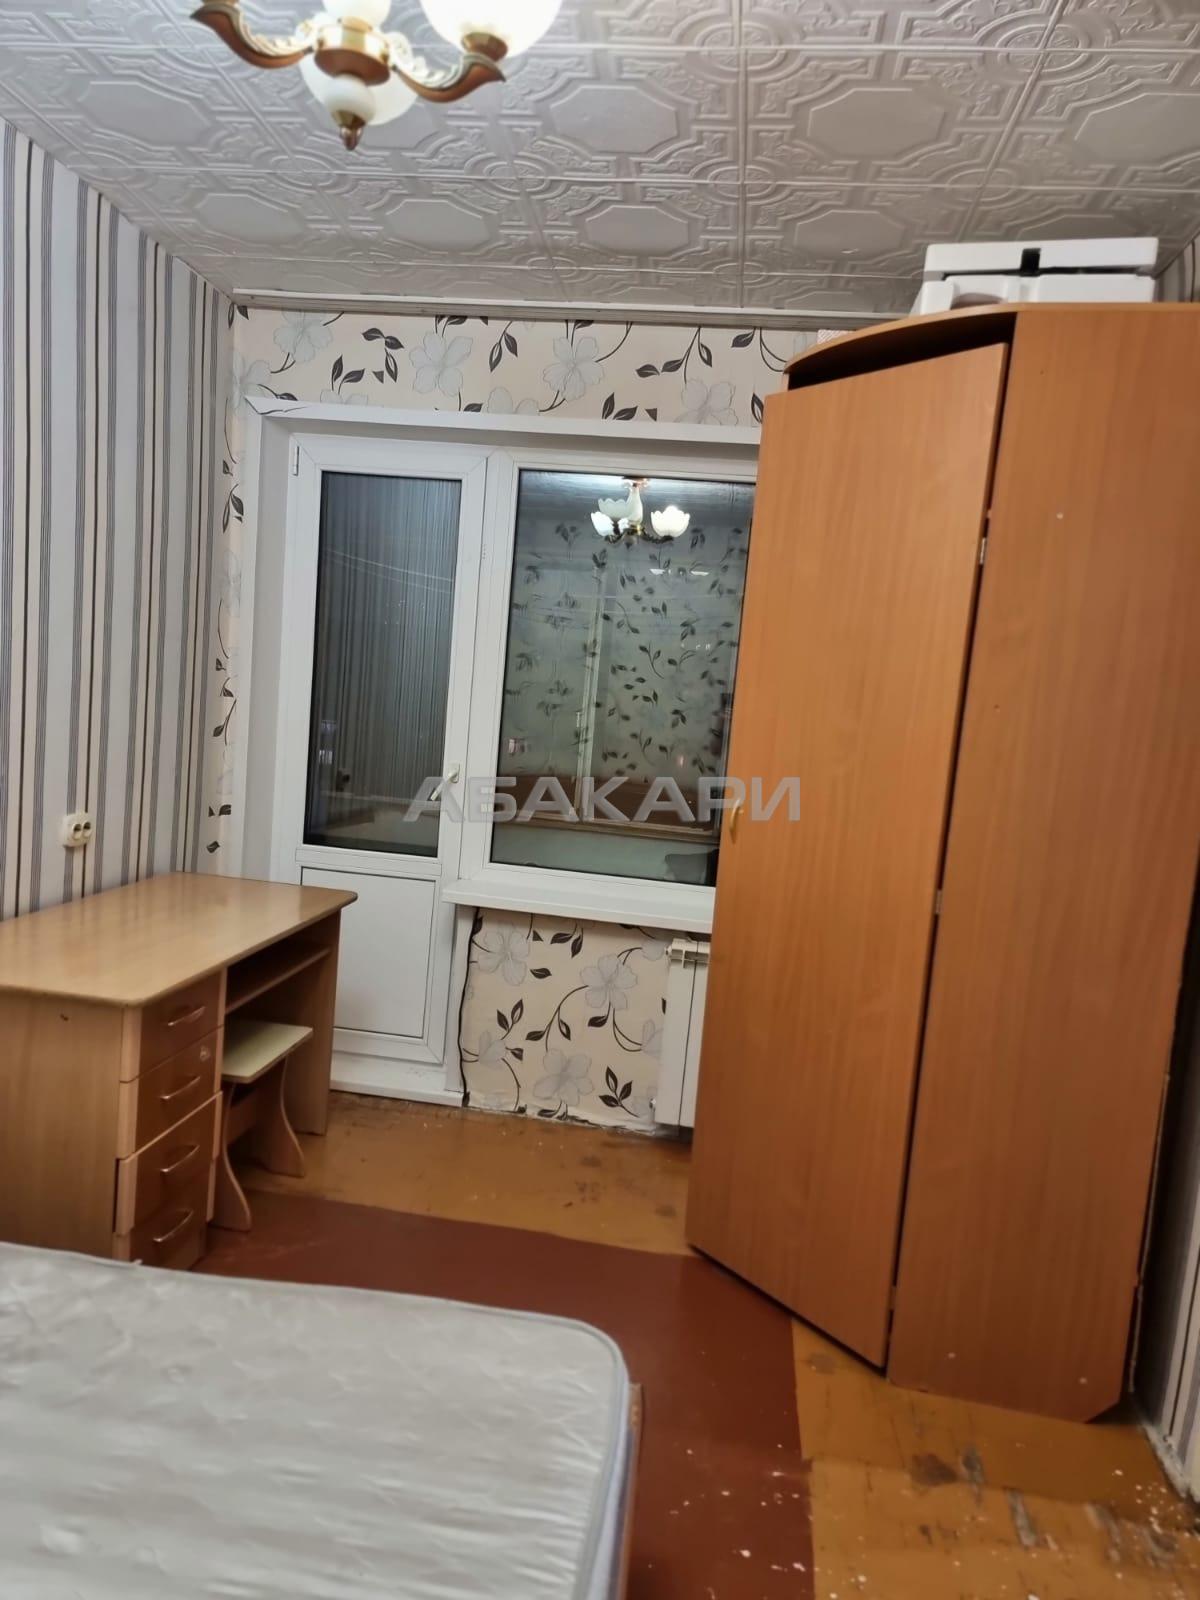 2к квартира улица Академика Павлова, 55 | 12000 | аренда в Красноярске фото 2